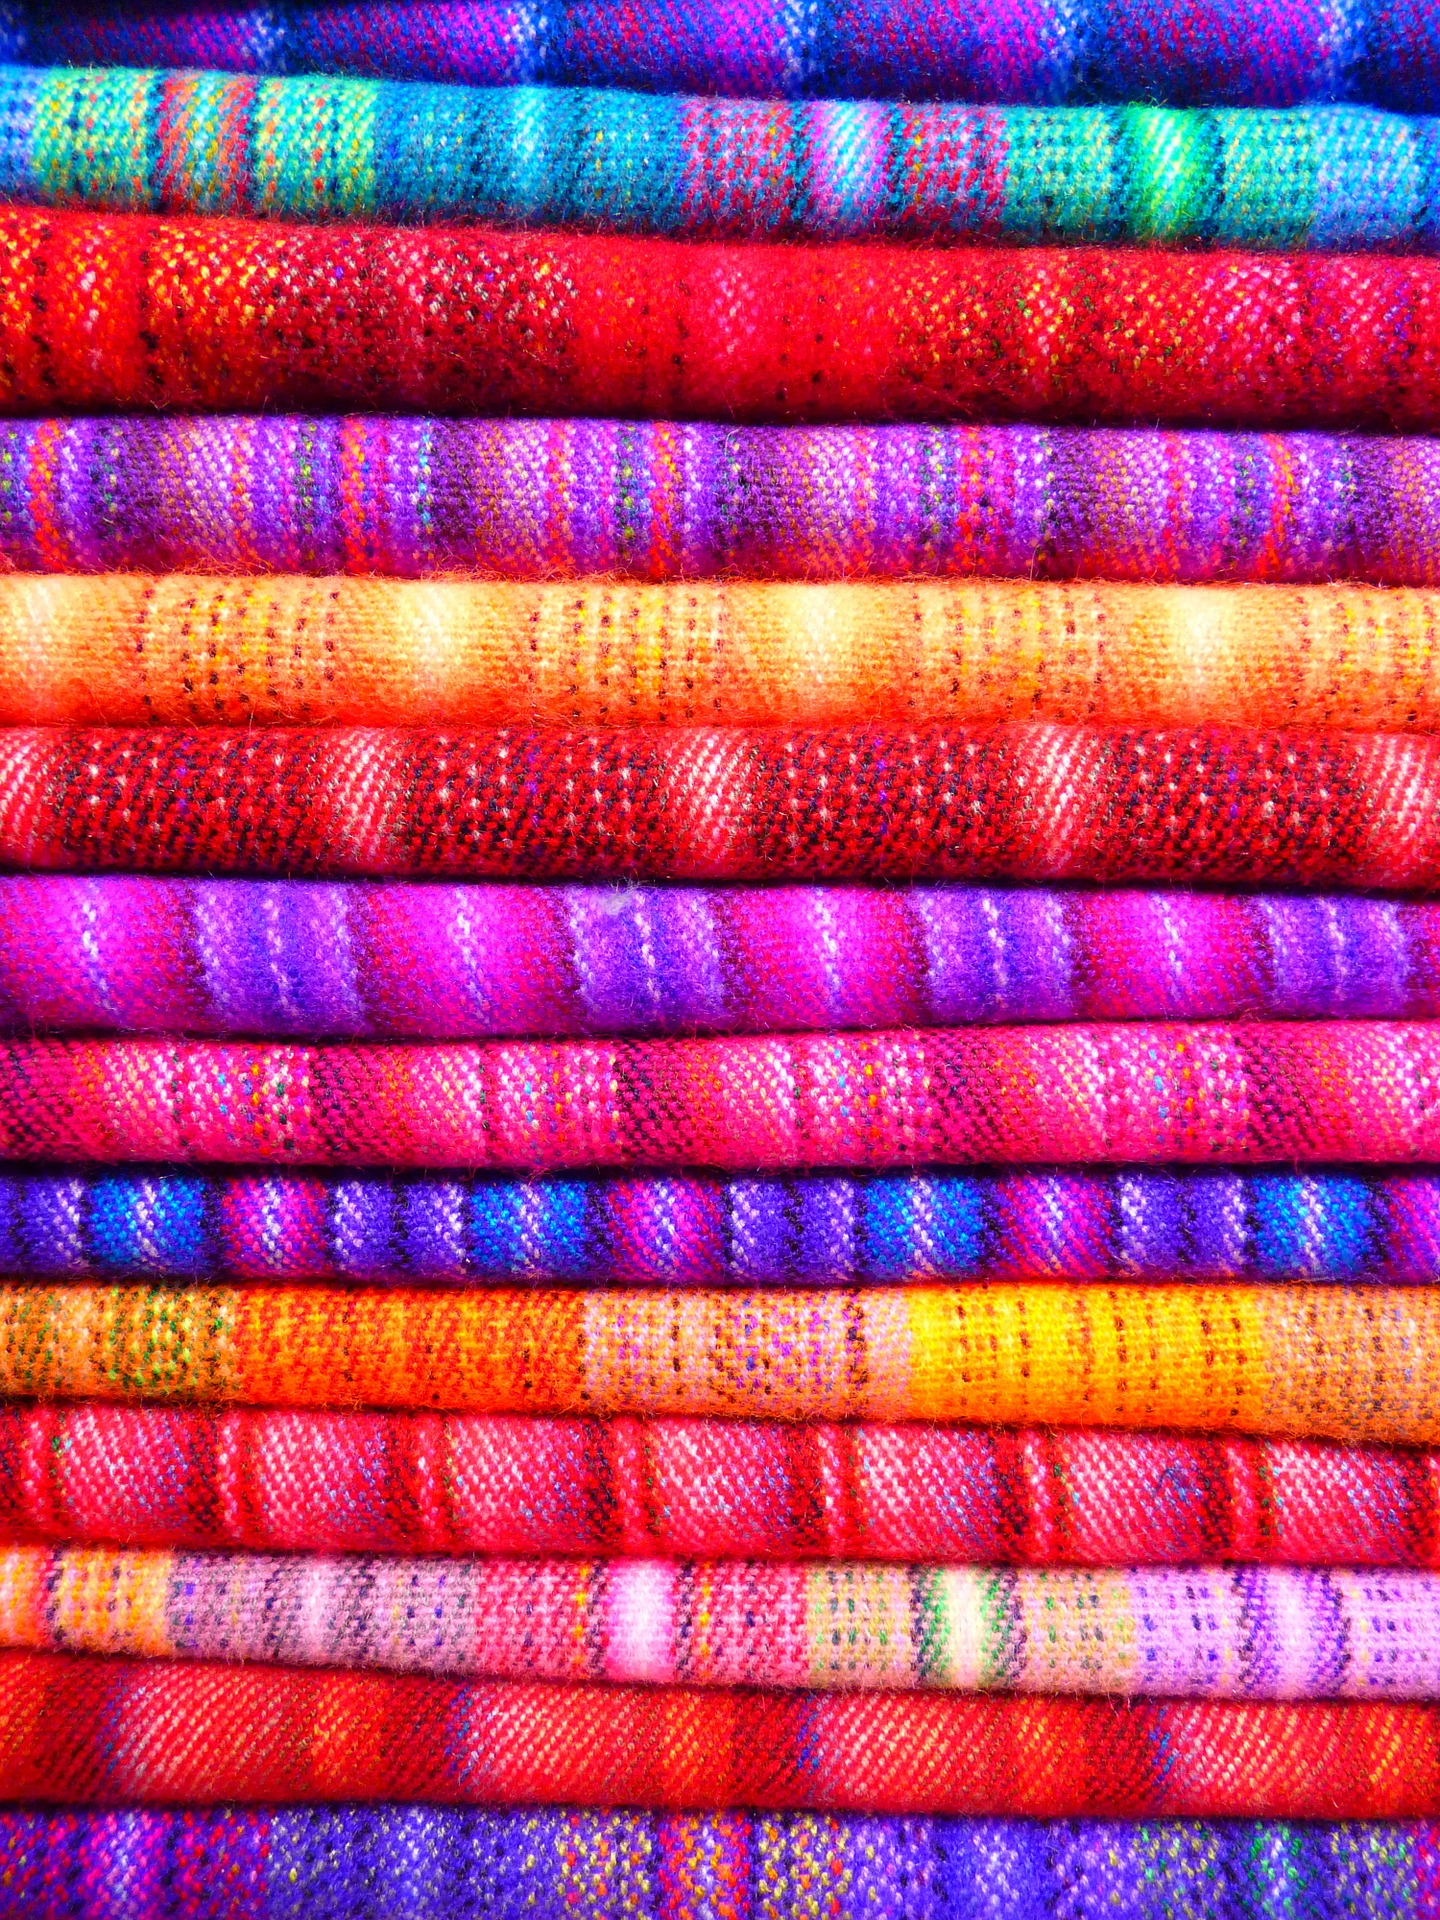 tissus, couleurs, teints, vêtements, définit - Fonds d'écran HD - Professor-falken.com